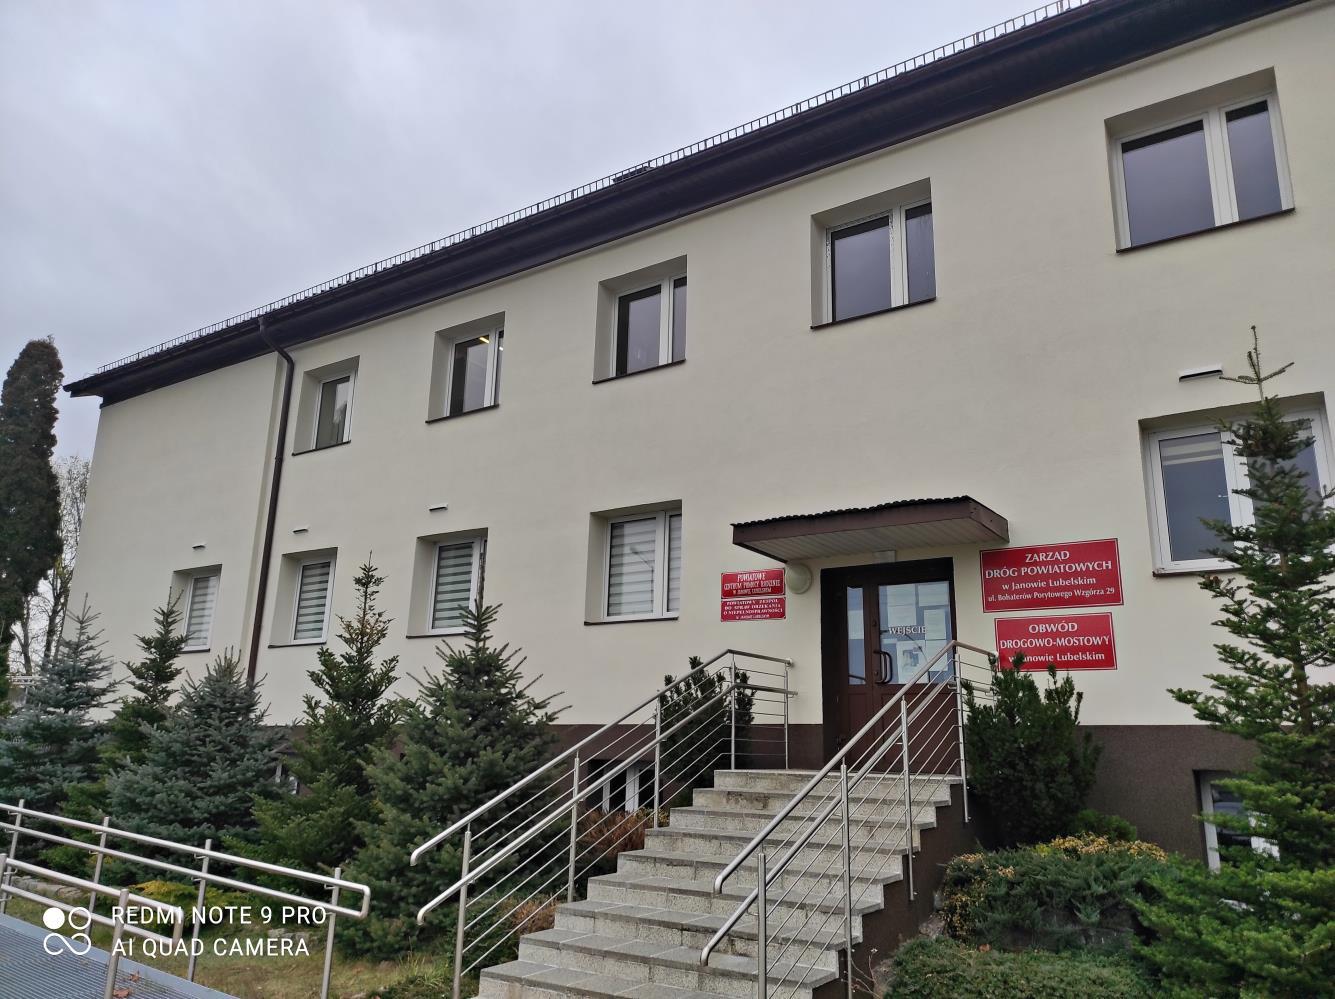 Dwuspadowy dach, elewacja w kolorze ecru… Nowy wygląd budynku Zarządu Dróg Powiatowych